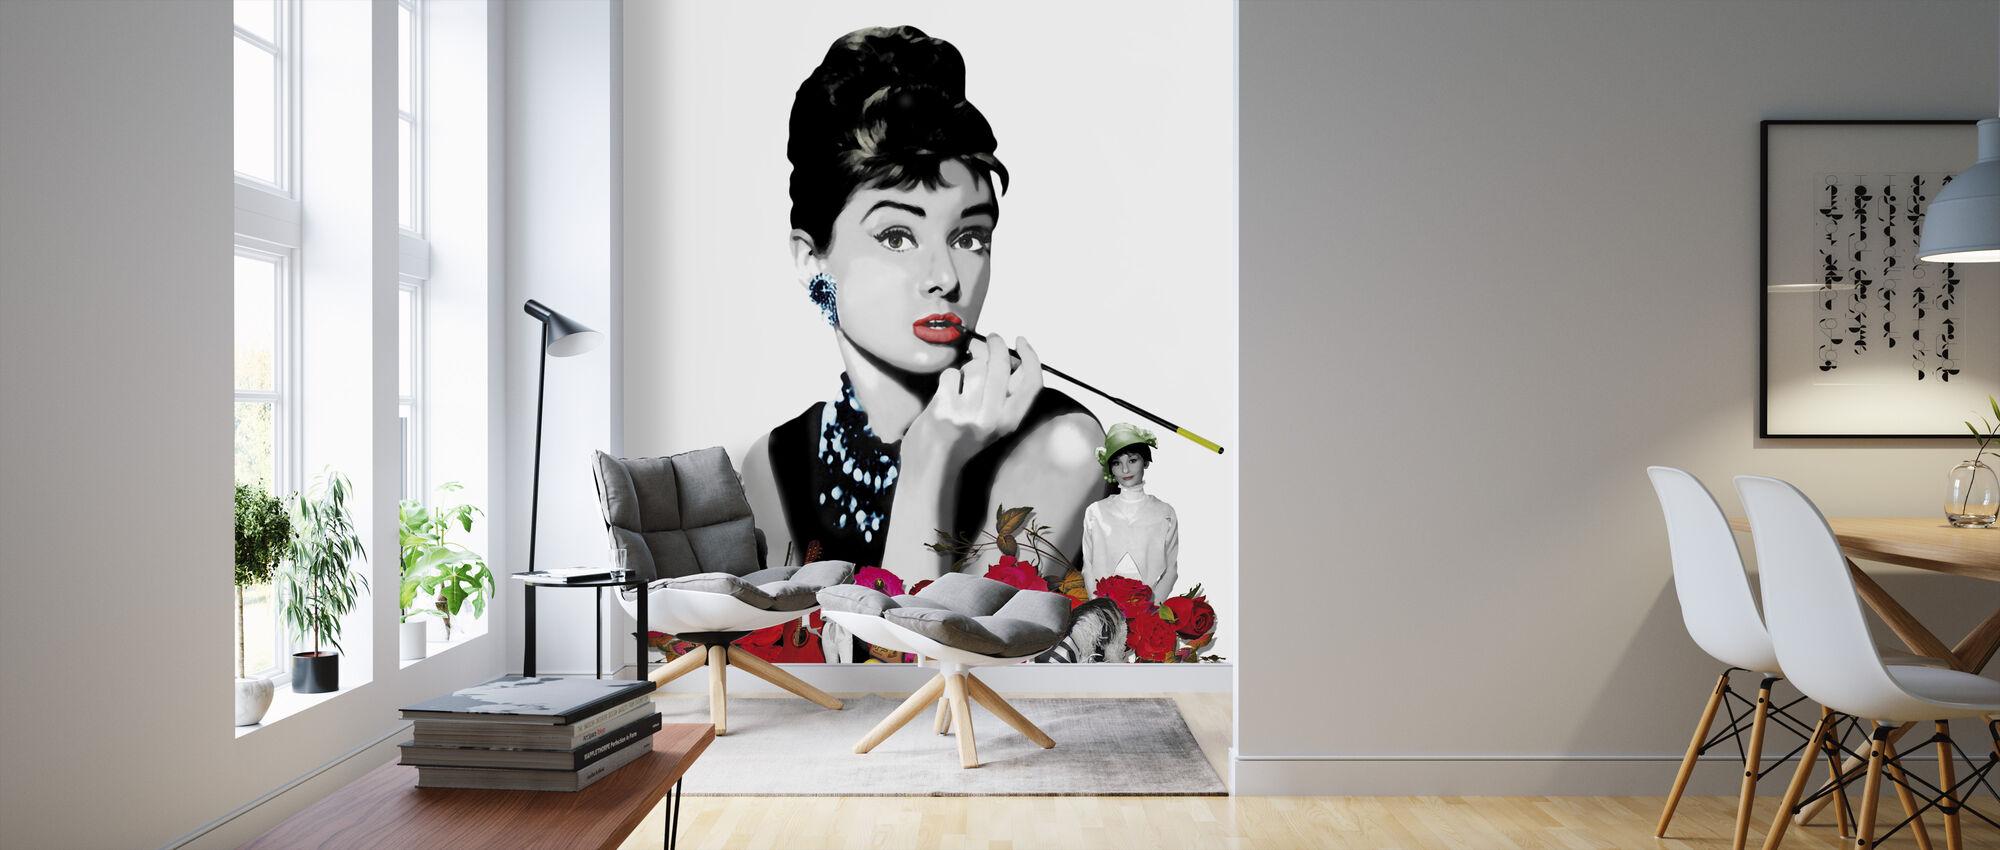 Hepburn - Weiß - Tapete - Wohnzimmer